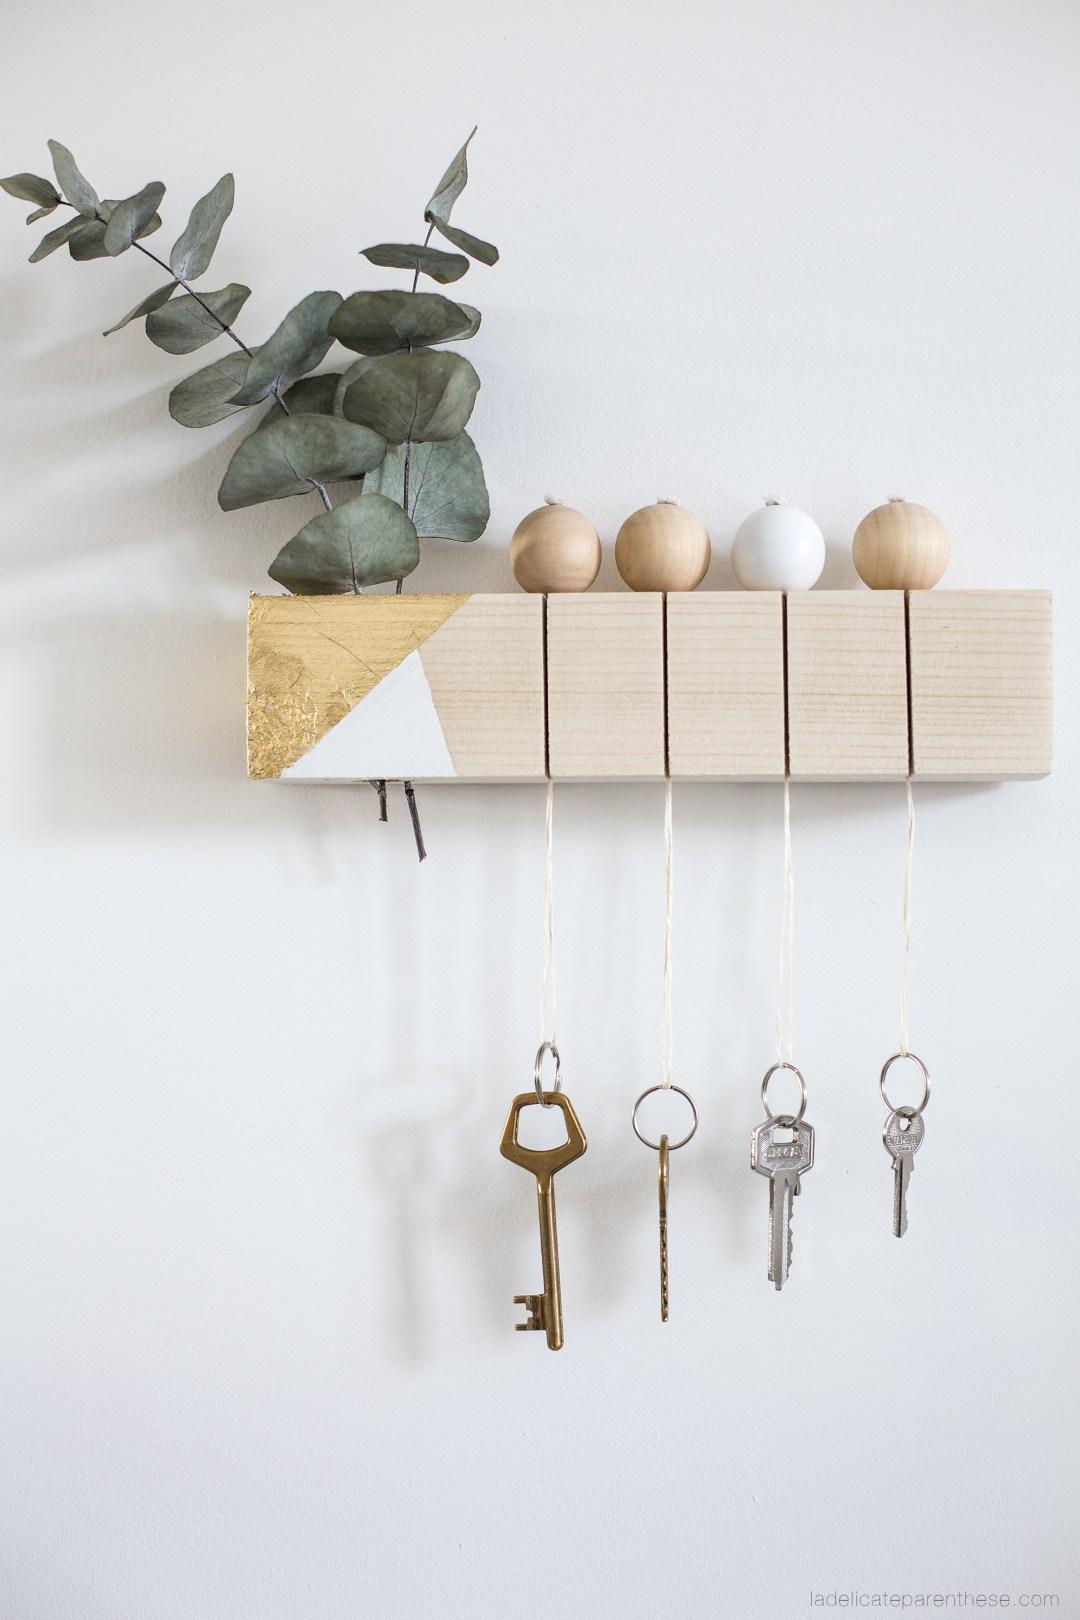 porte clef en bois bricolage pour s'organiser, DIY